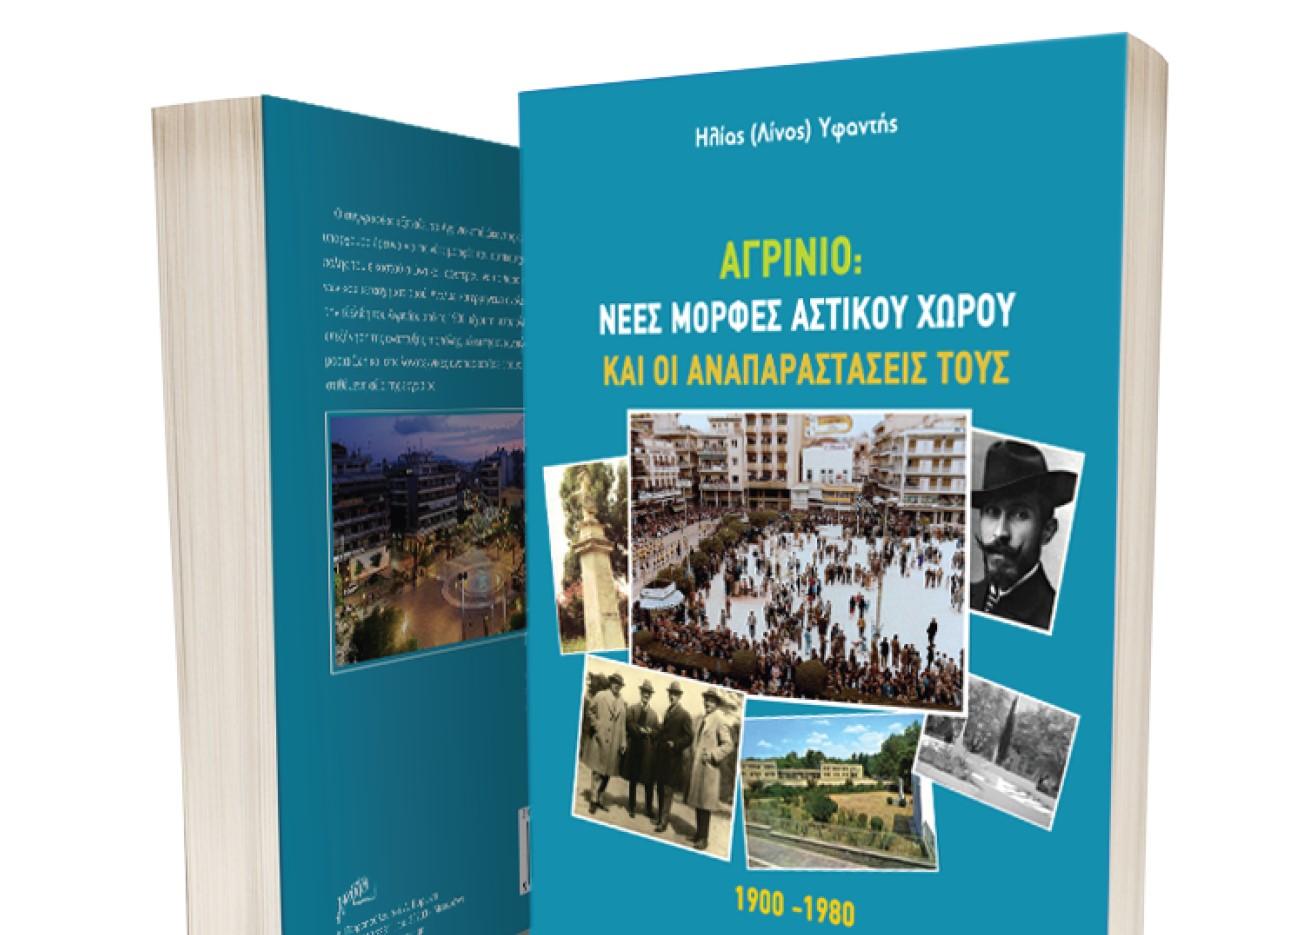 Παρουσιάζεται το βιβλίο του Λίνου Υφαντή:  «Αγρίνιο: Νέες μορφές αστικού χώρου και οι αναπαραστάσεις τους, 1900-1980»